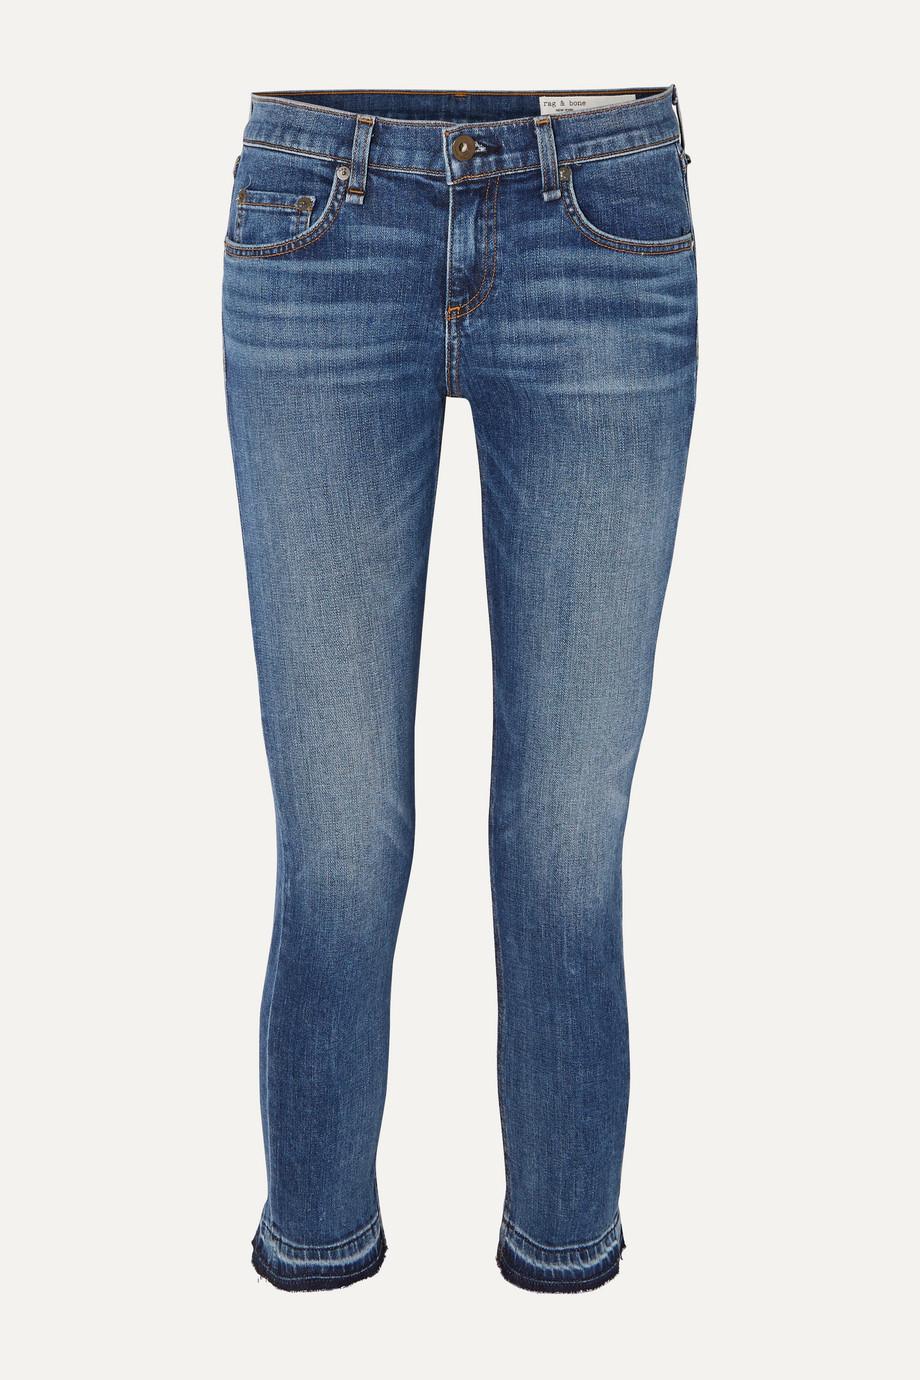 rag & bone Dre Capri verkürzte, halbhohe Jeans mit schmalem Bein und Distressed-Details